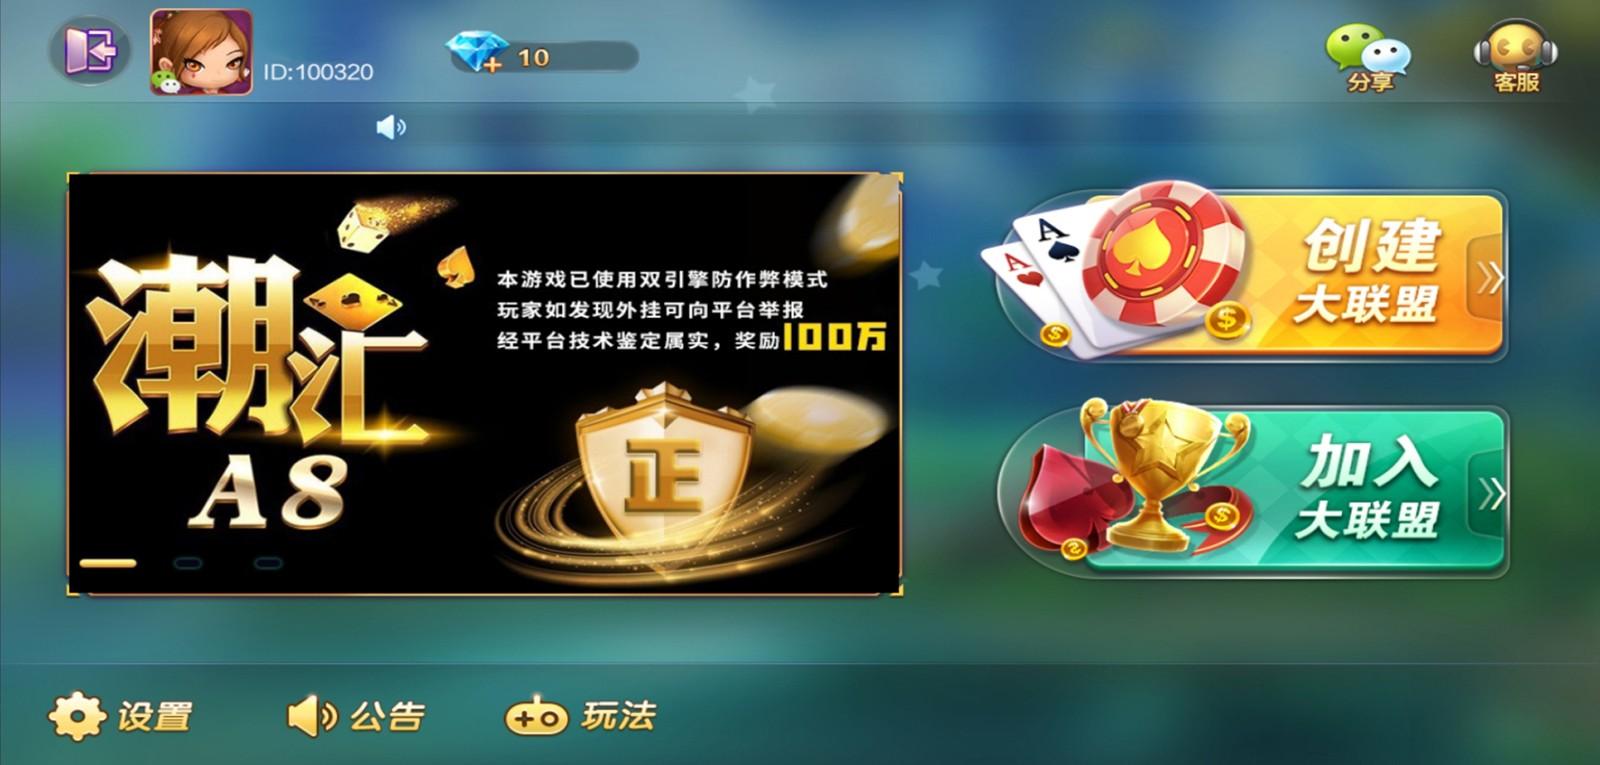 潮汕三公潮汇棋牌游戏源码房卡模式地方玩法+联盟俱乐部模式插图